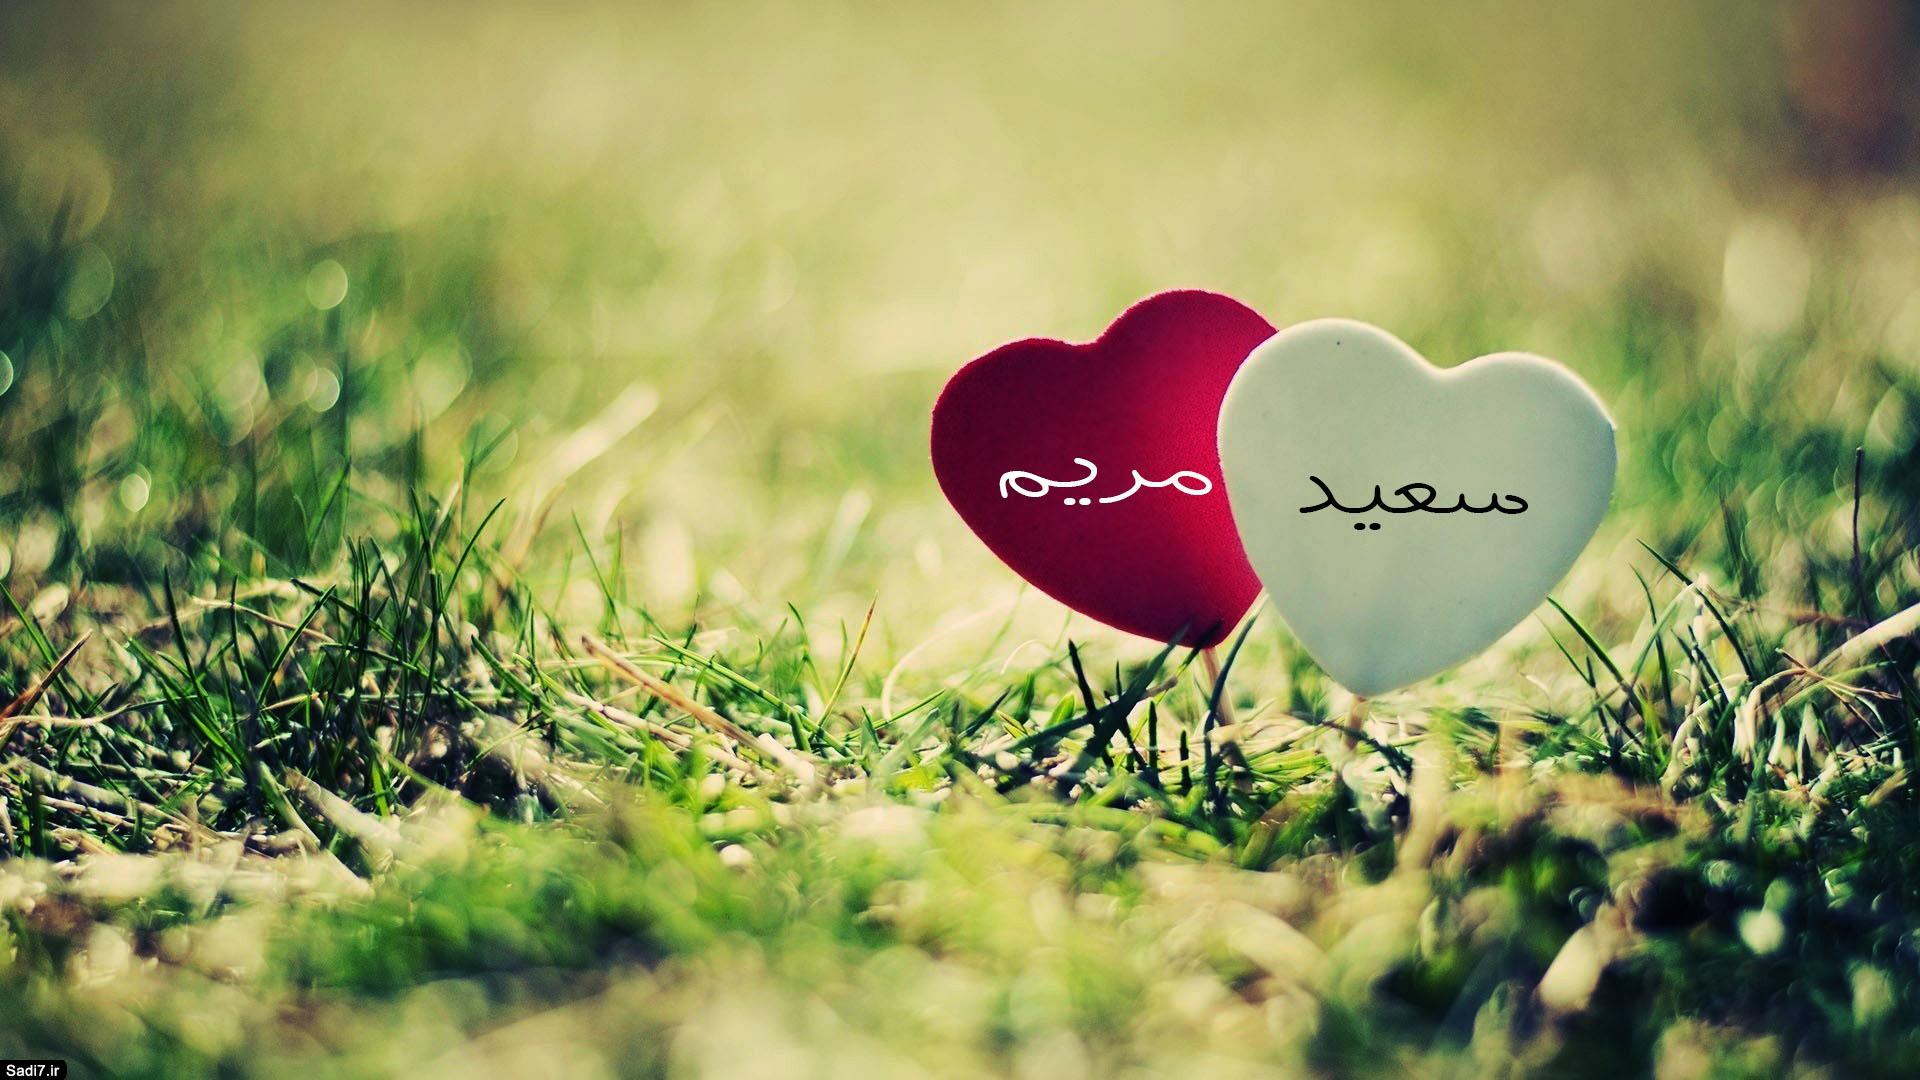 عکس نوشته های مریم و سعید با کیفیت بالا